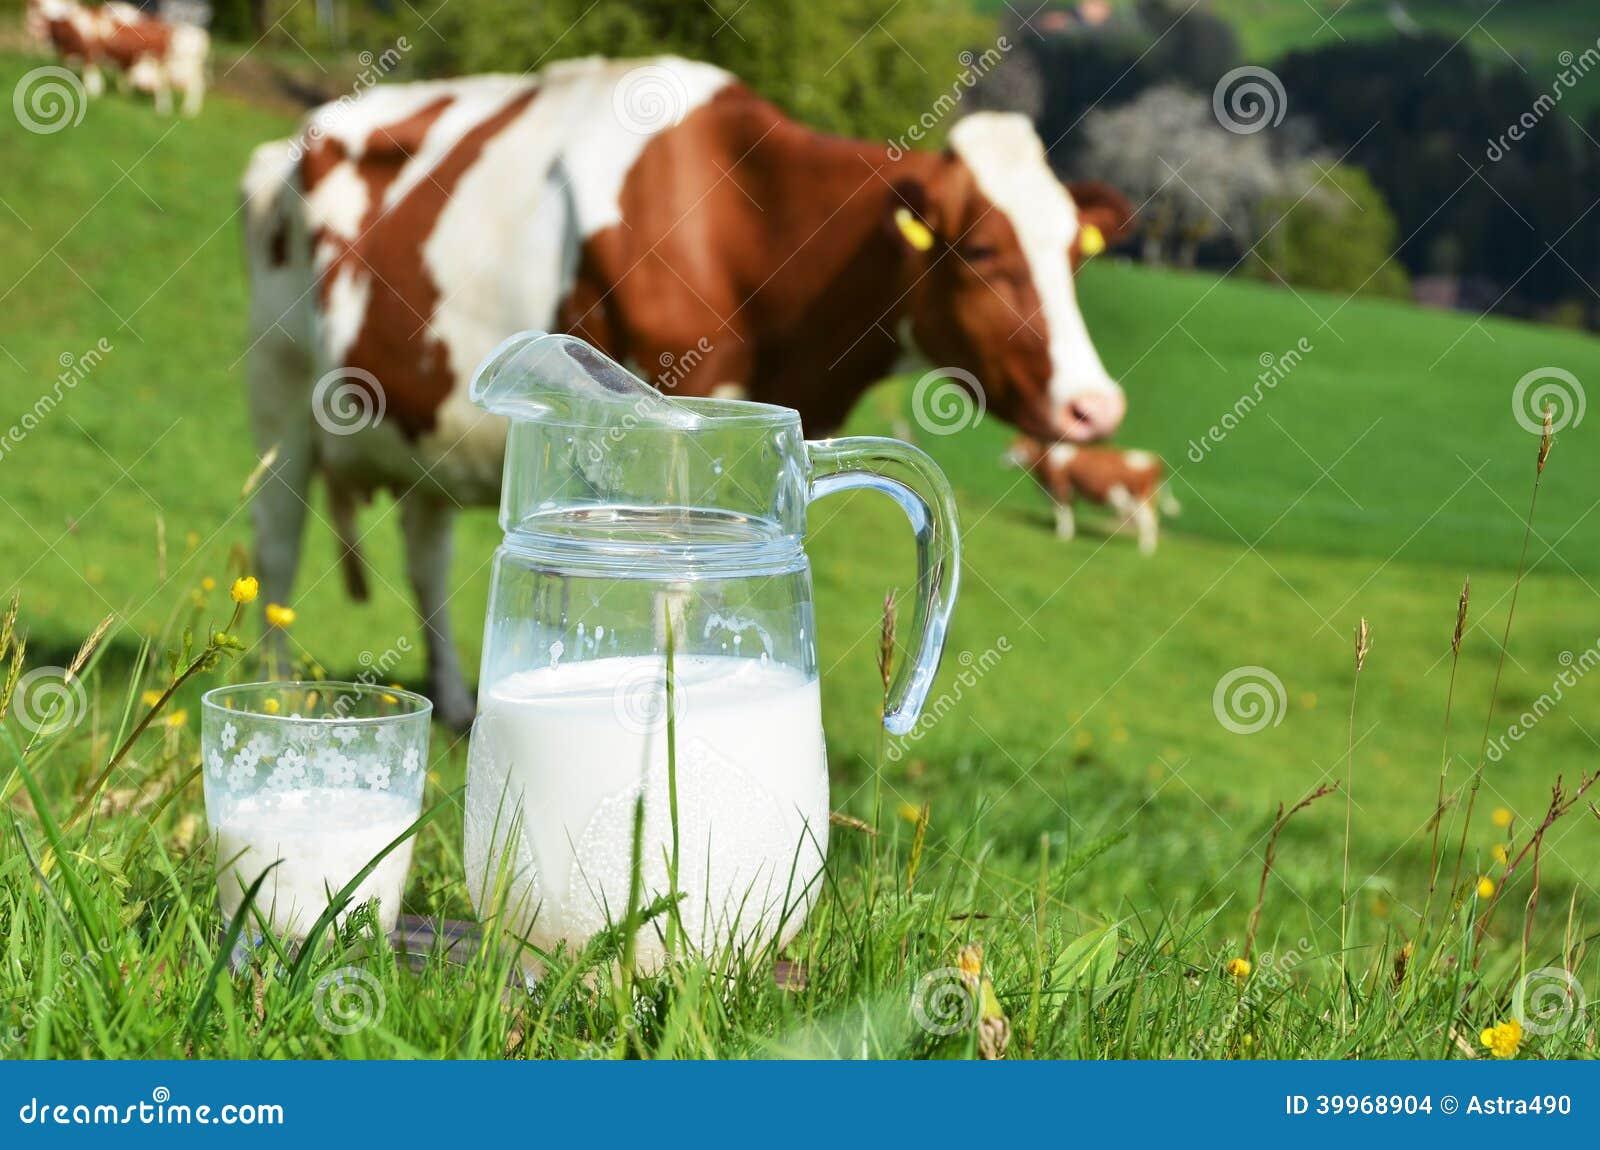 Молоко и корова стоковое фото. изображение насчитывающей ...